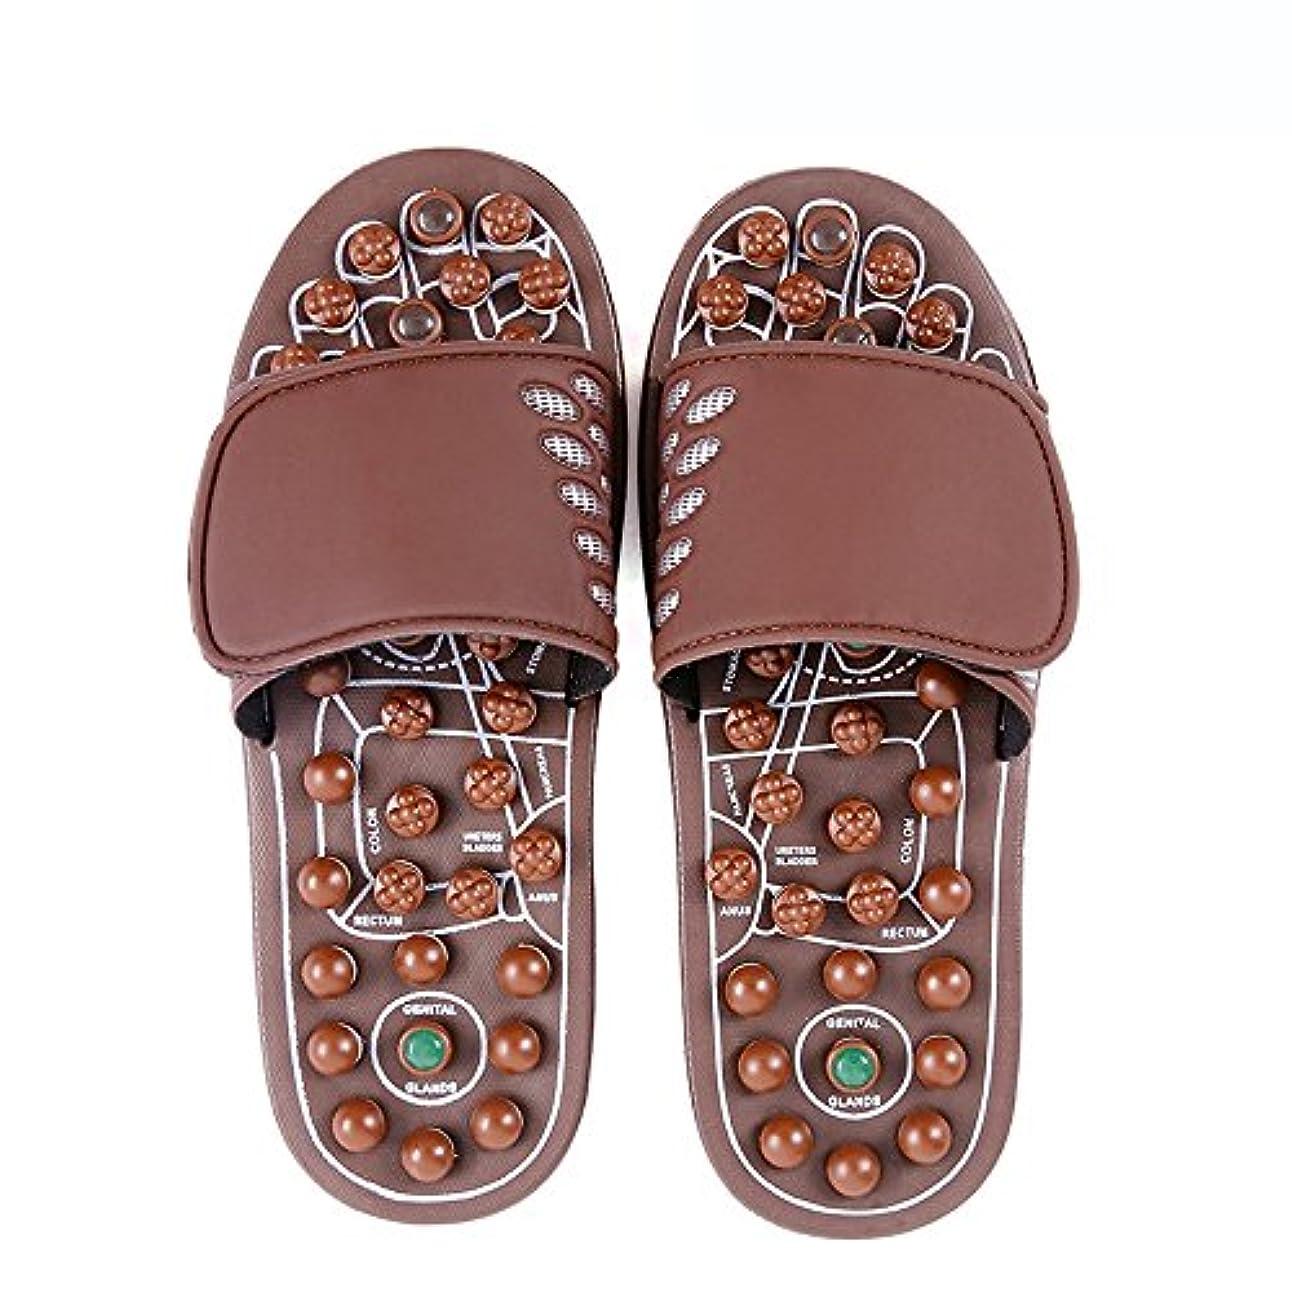 同情的フェローシップ順応性のある快適 ジェイドマッサージスリッパ女性の足指圧ホームシューズ滑り止めスリッパ屋内マッサージシューズ(オプションのサイズ) 増加した (サイズ さいず : L(43-46))